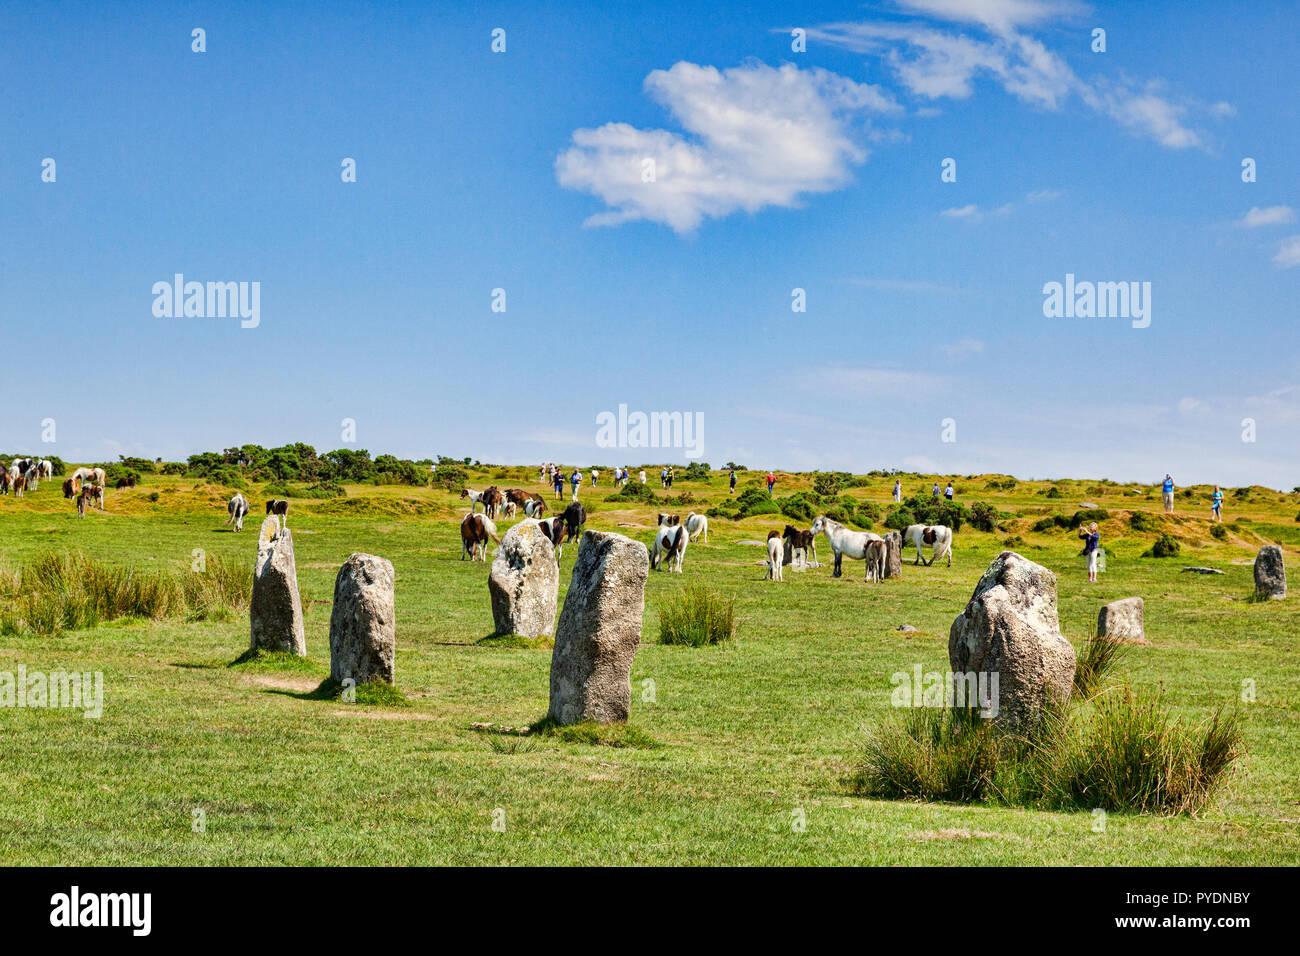 3 Juillet 2018: Bodmin Moor, Cornwall, UK - The Hurlers stone circle près de laquais, le plus haut village de Cornouailles, avec des poneys sauvages et de pâturage de personnes t Banque D'Images